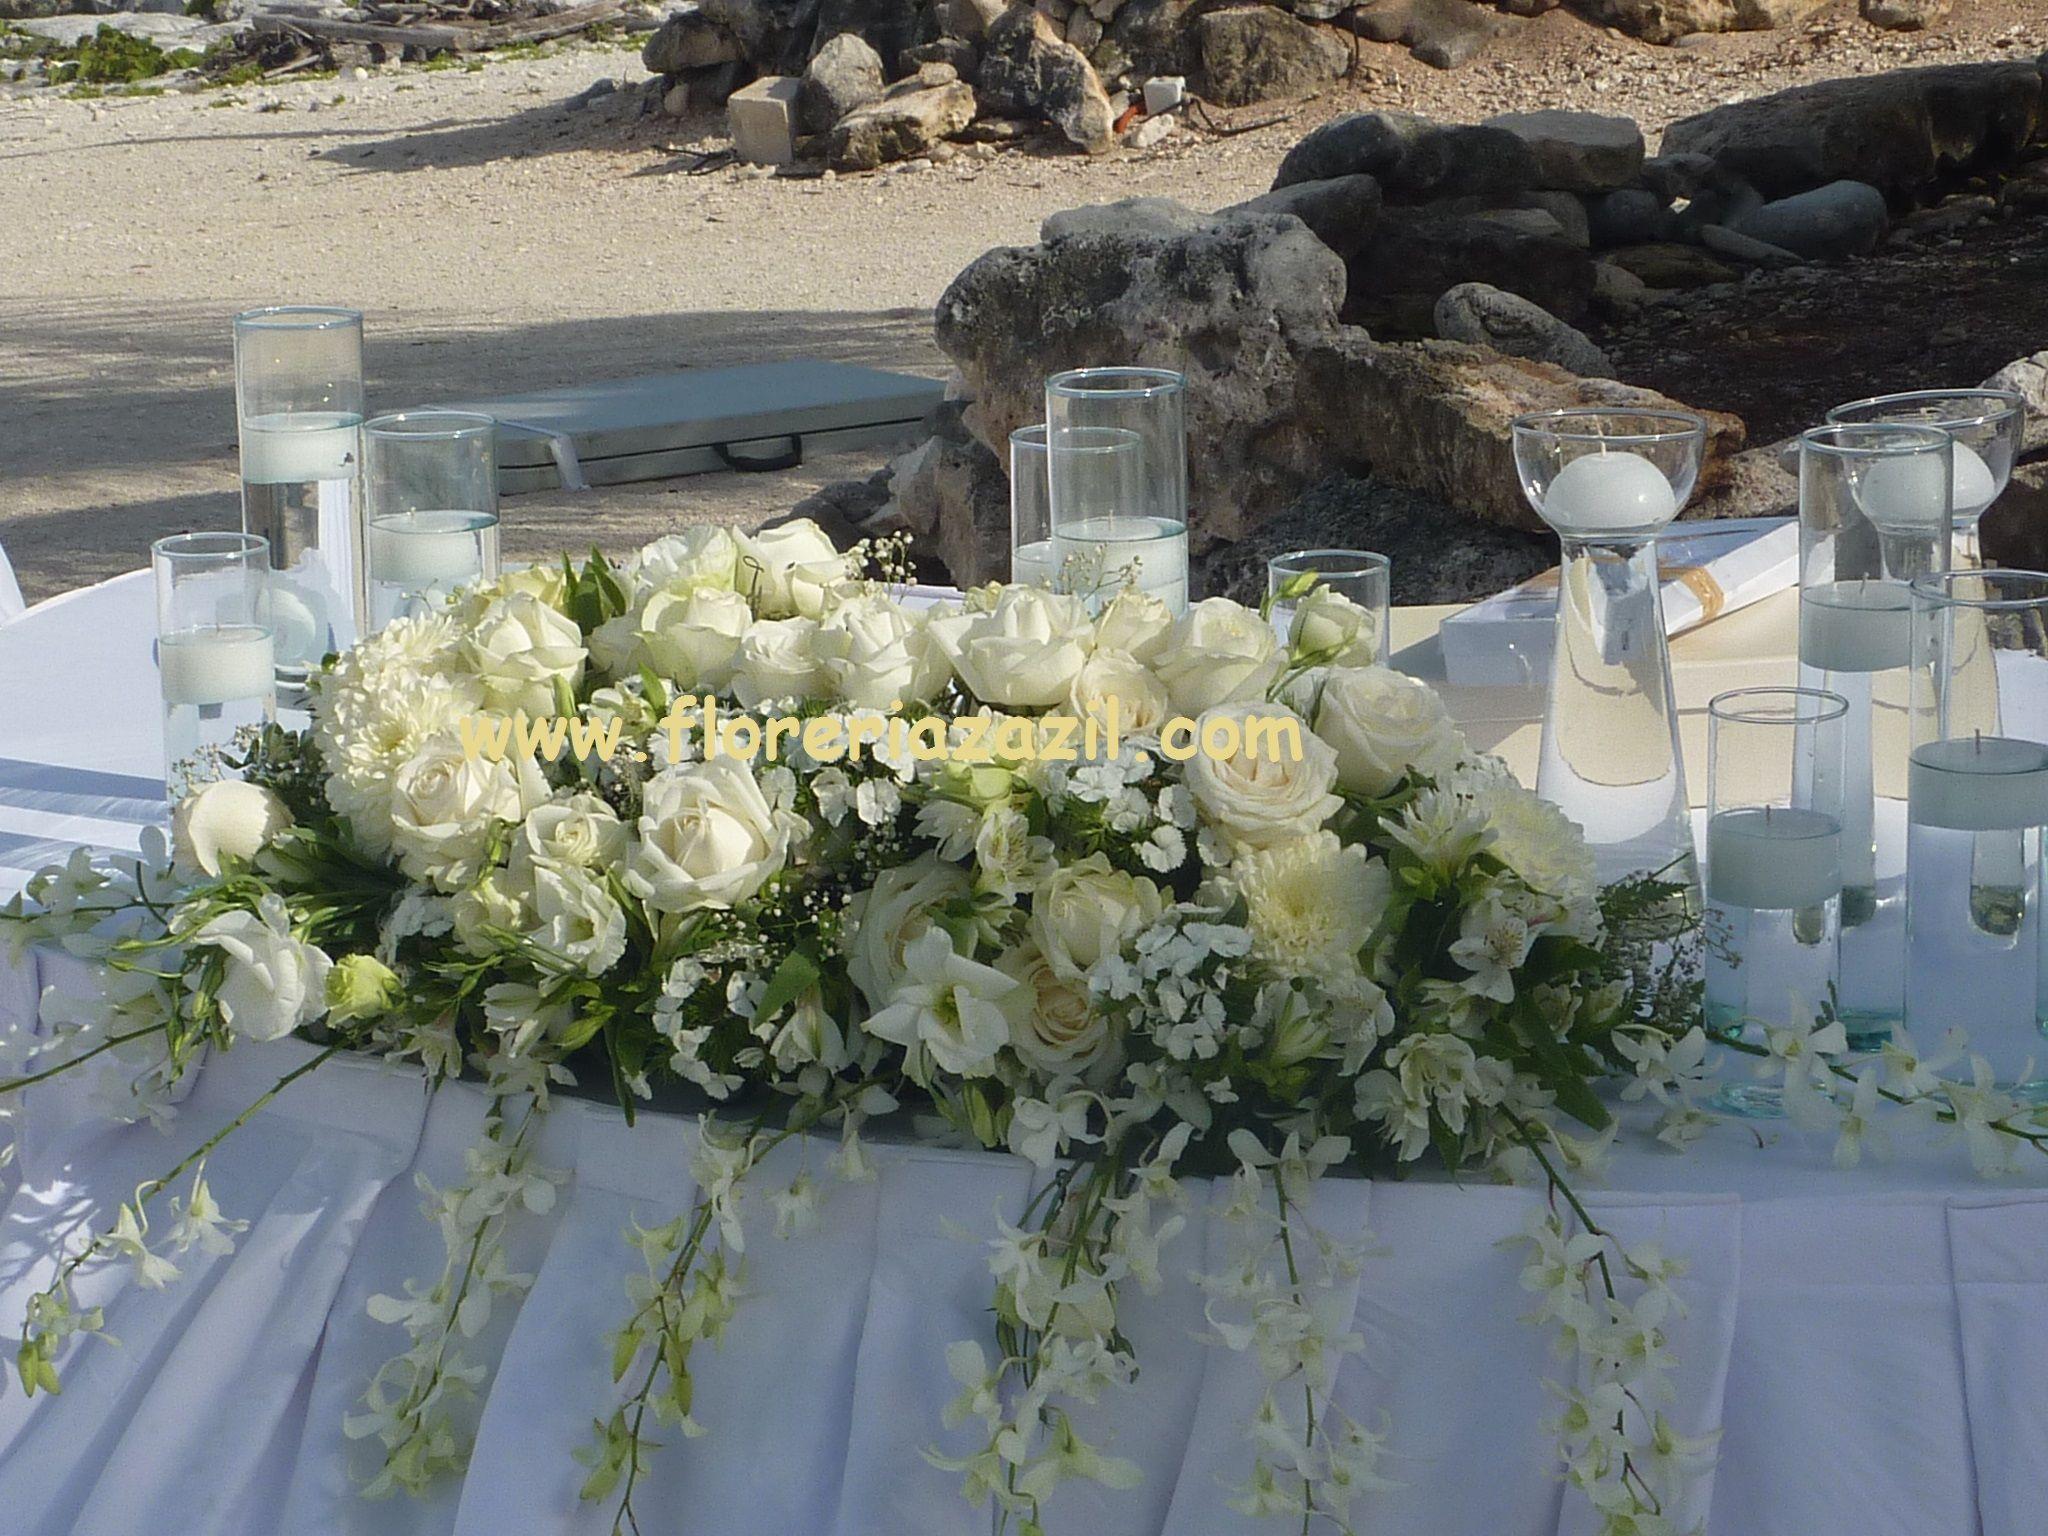 Bodas en playa boda en canc n decoraciones florales for Decoracion en cancun